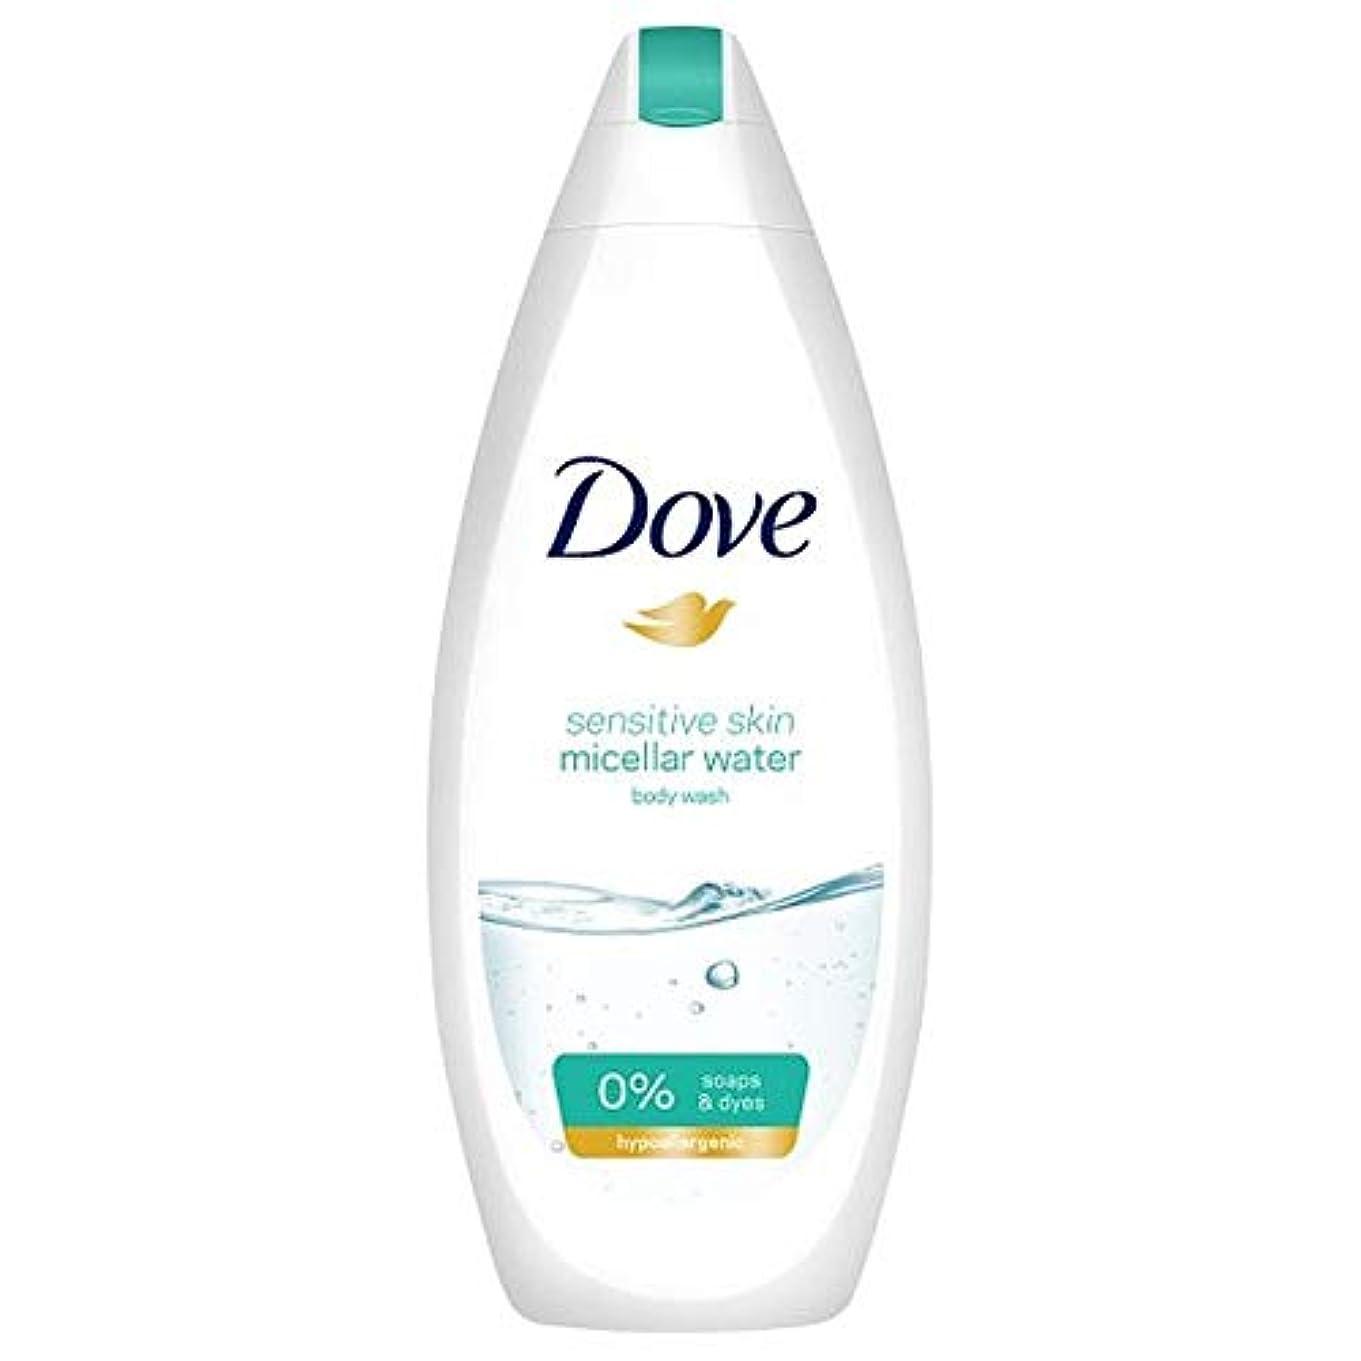 マーカー慣習波[Dove] 鳩ミセルボディウォッシュ敏感肌用500ミリリットル - Dove Micellar Body Wash Sensitive Skin 500Ml [並行輸入品]